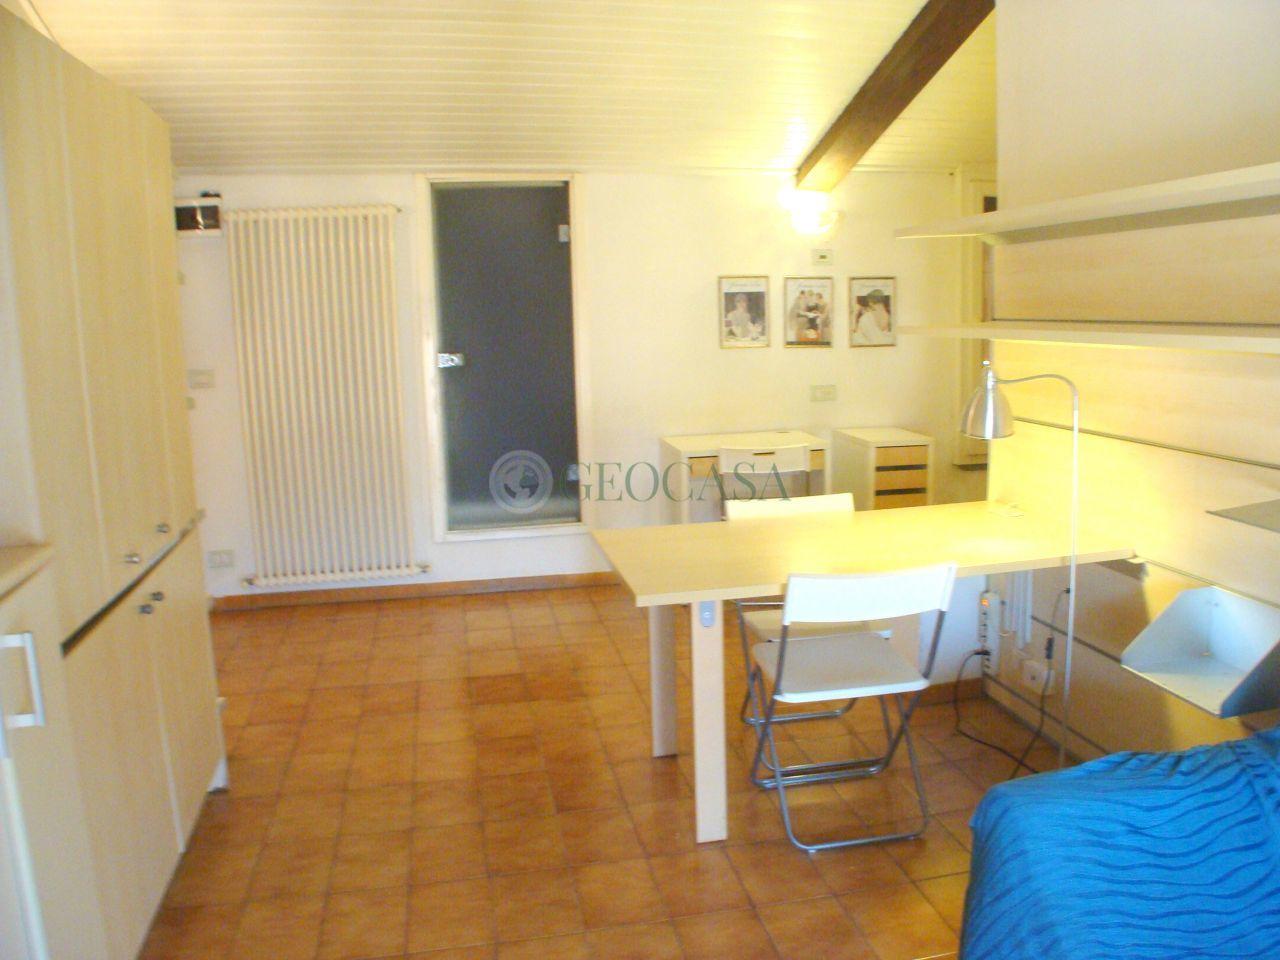 Attico / Mansarda in affitto a La Spezia, 2 locali, prezzo € 430 | Cambio Casa.it